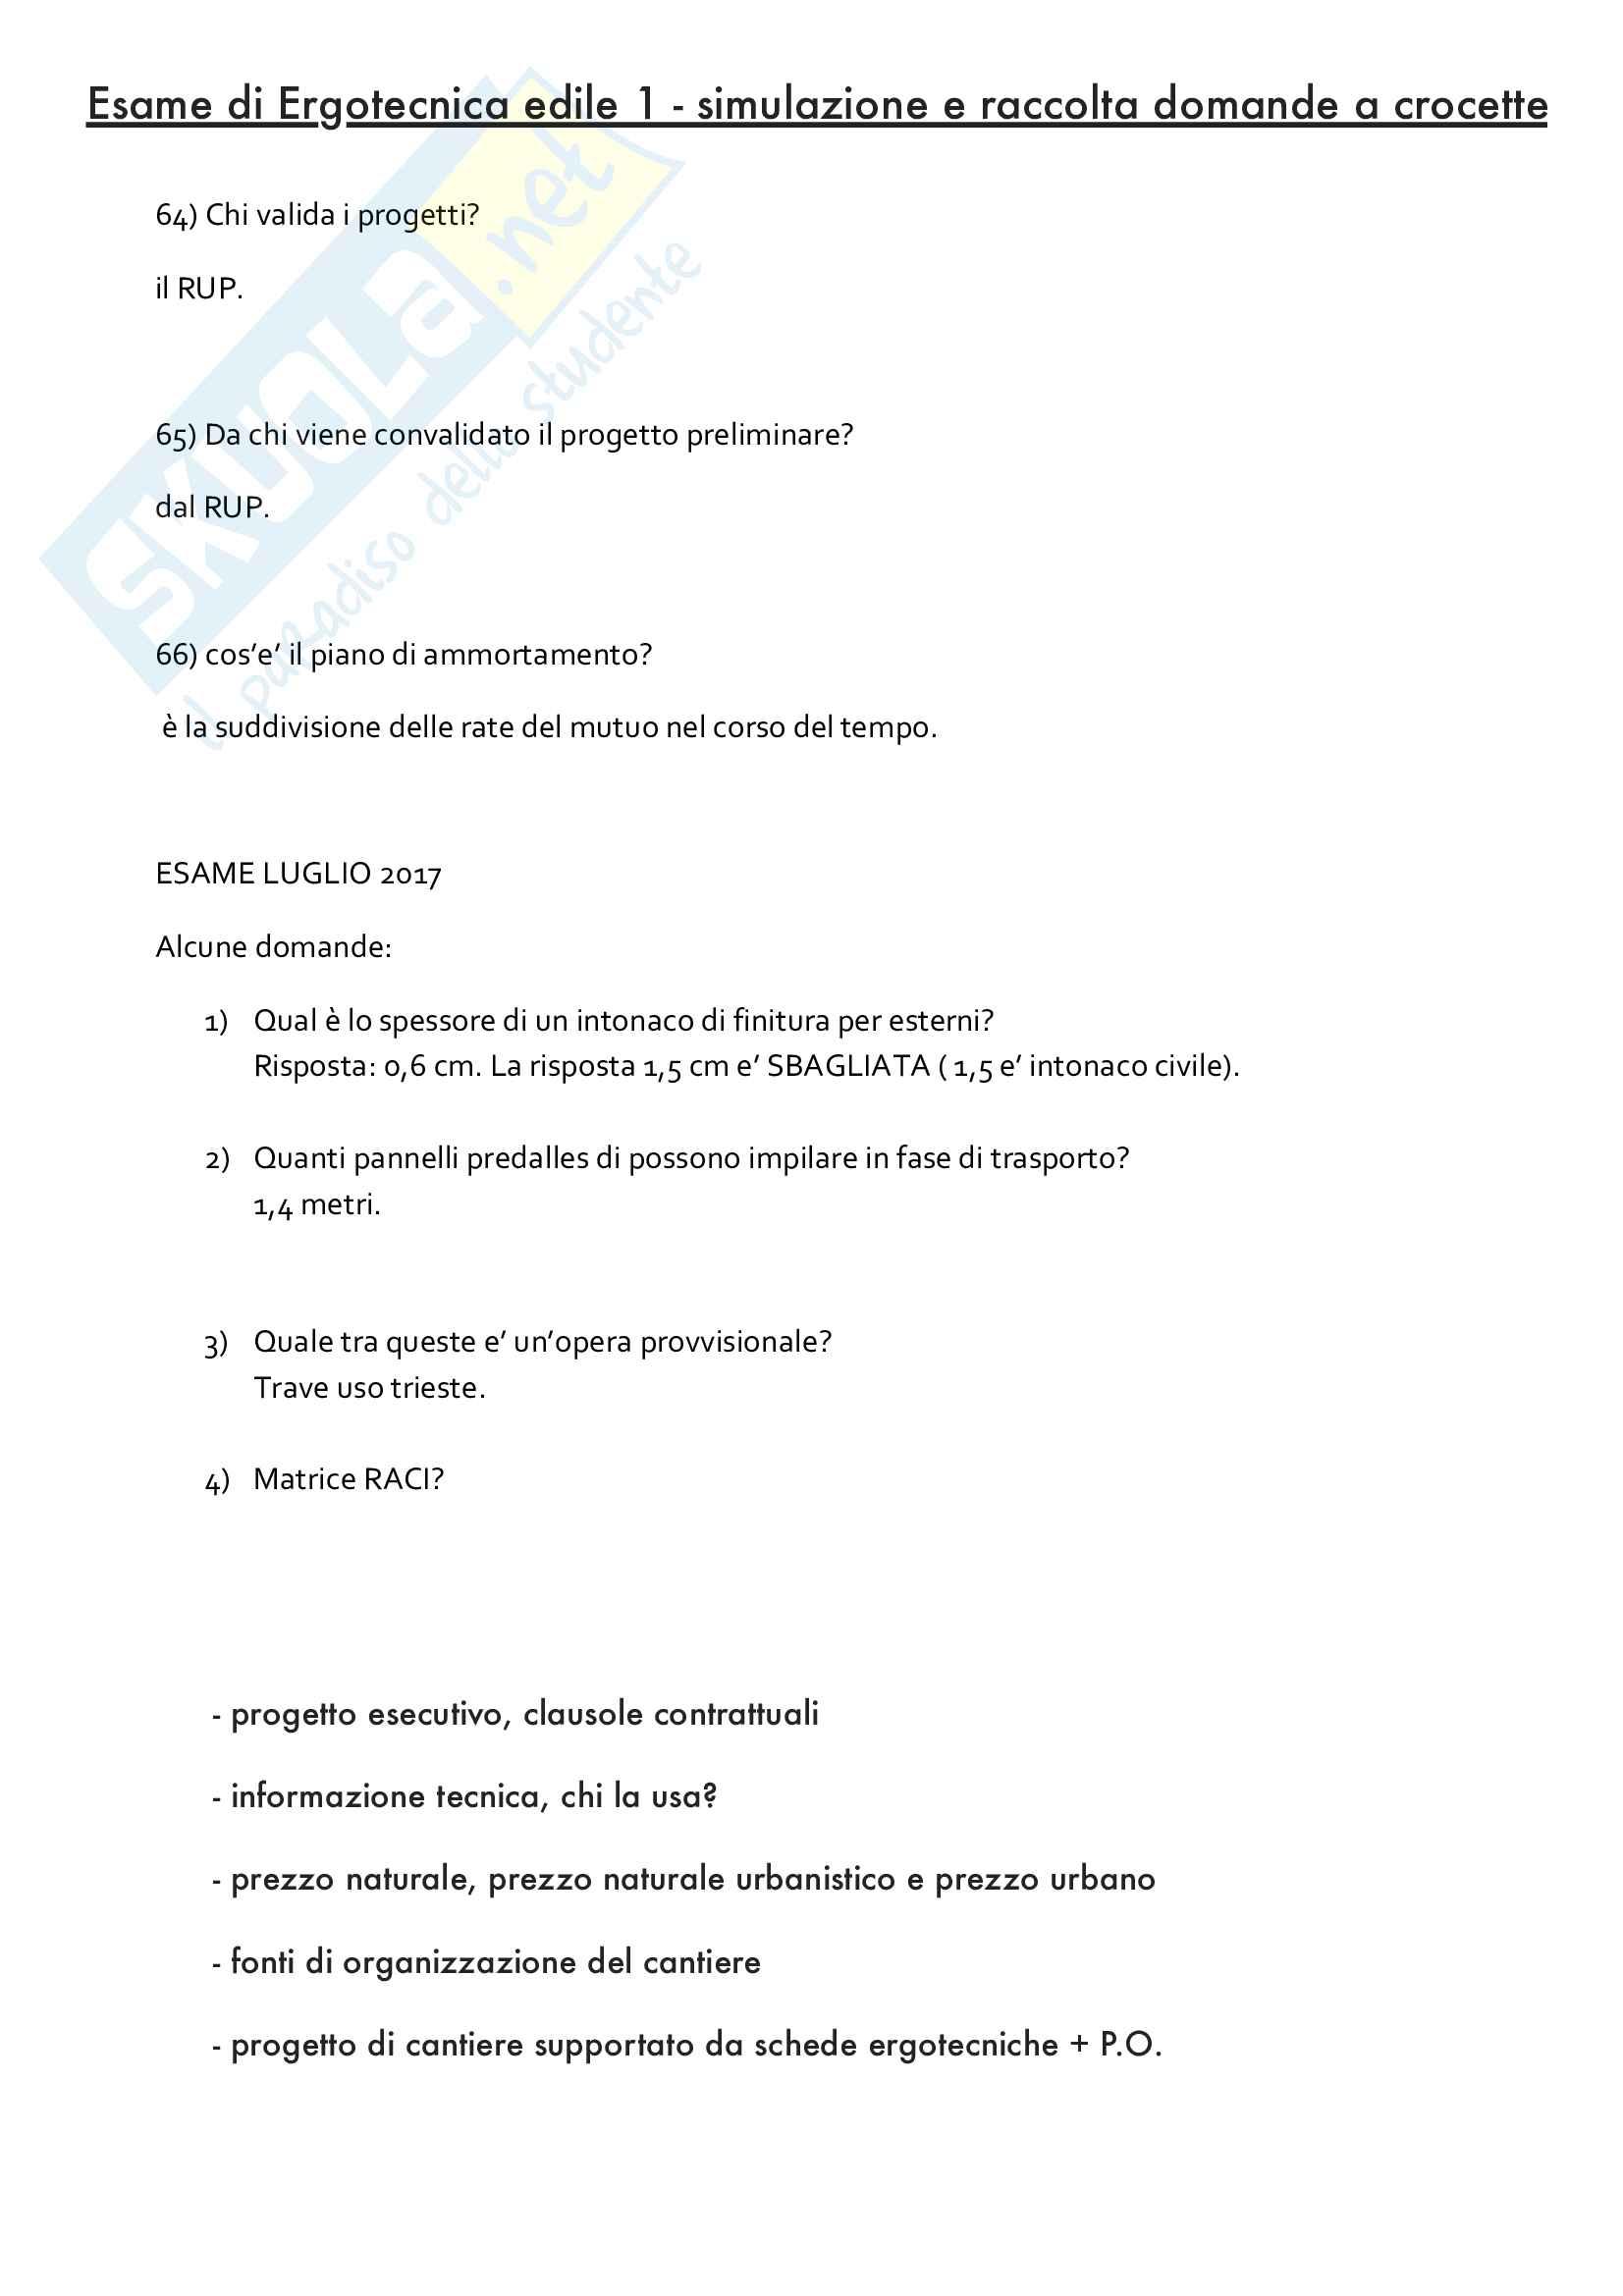 Raccolta domande a crocette di Ergotecnica edile 1 (ora BIM)